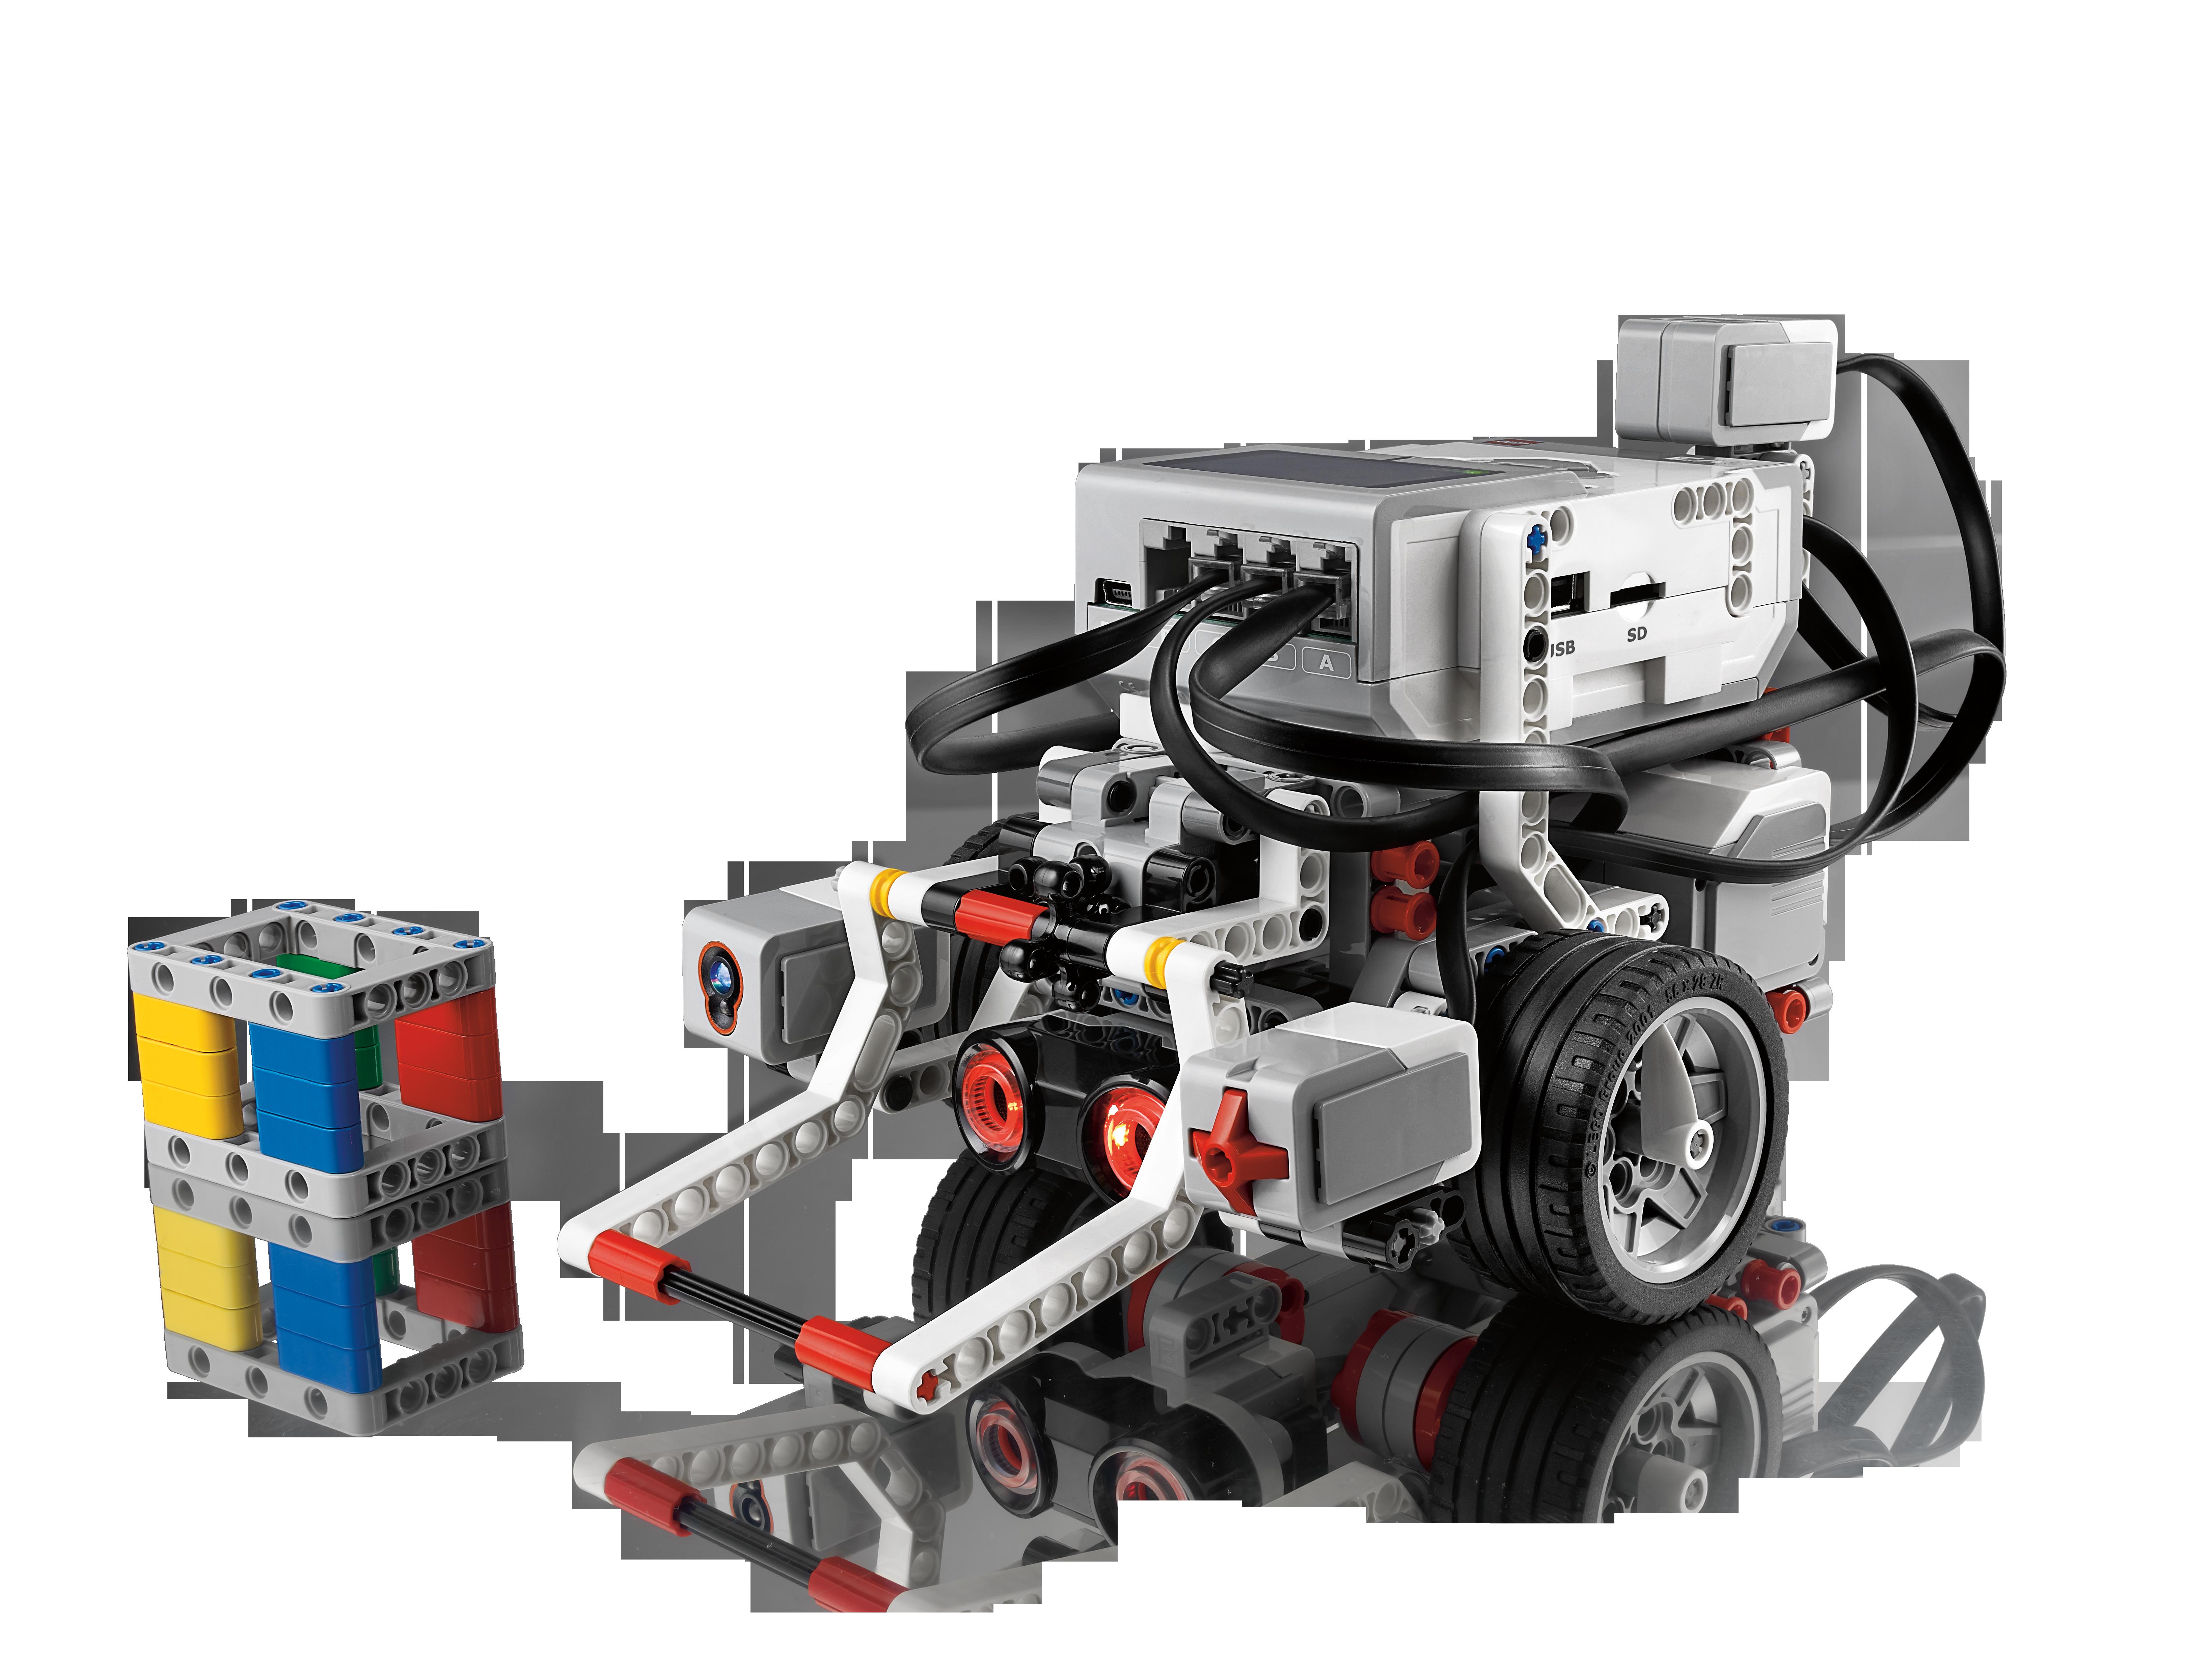 Mindstorms Ev3 Képzés Lego Oktatási Akadémia Lego Education Lego Mindstorms Robot Camp